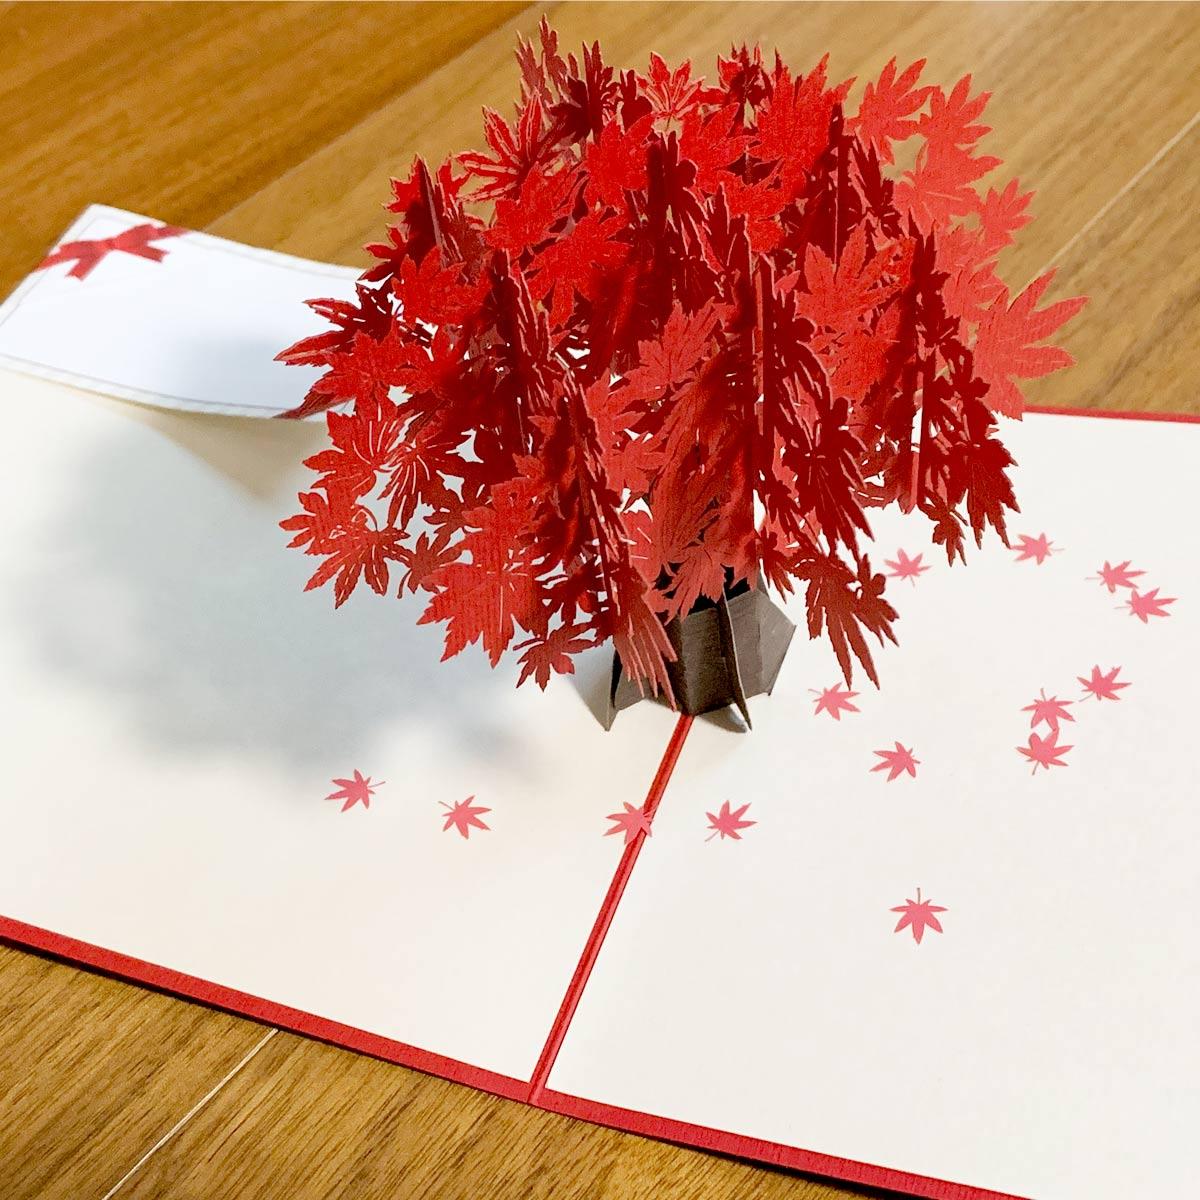 送り手のセンス炸裂! 落ち葉が舞うメッセージカードですてきなお便りを……